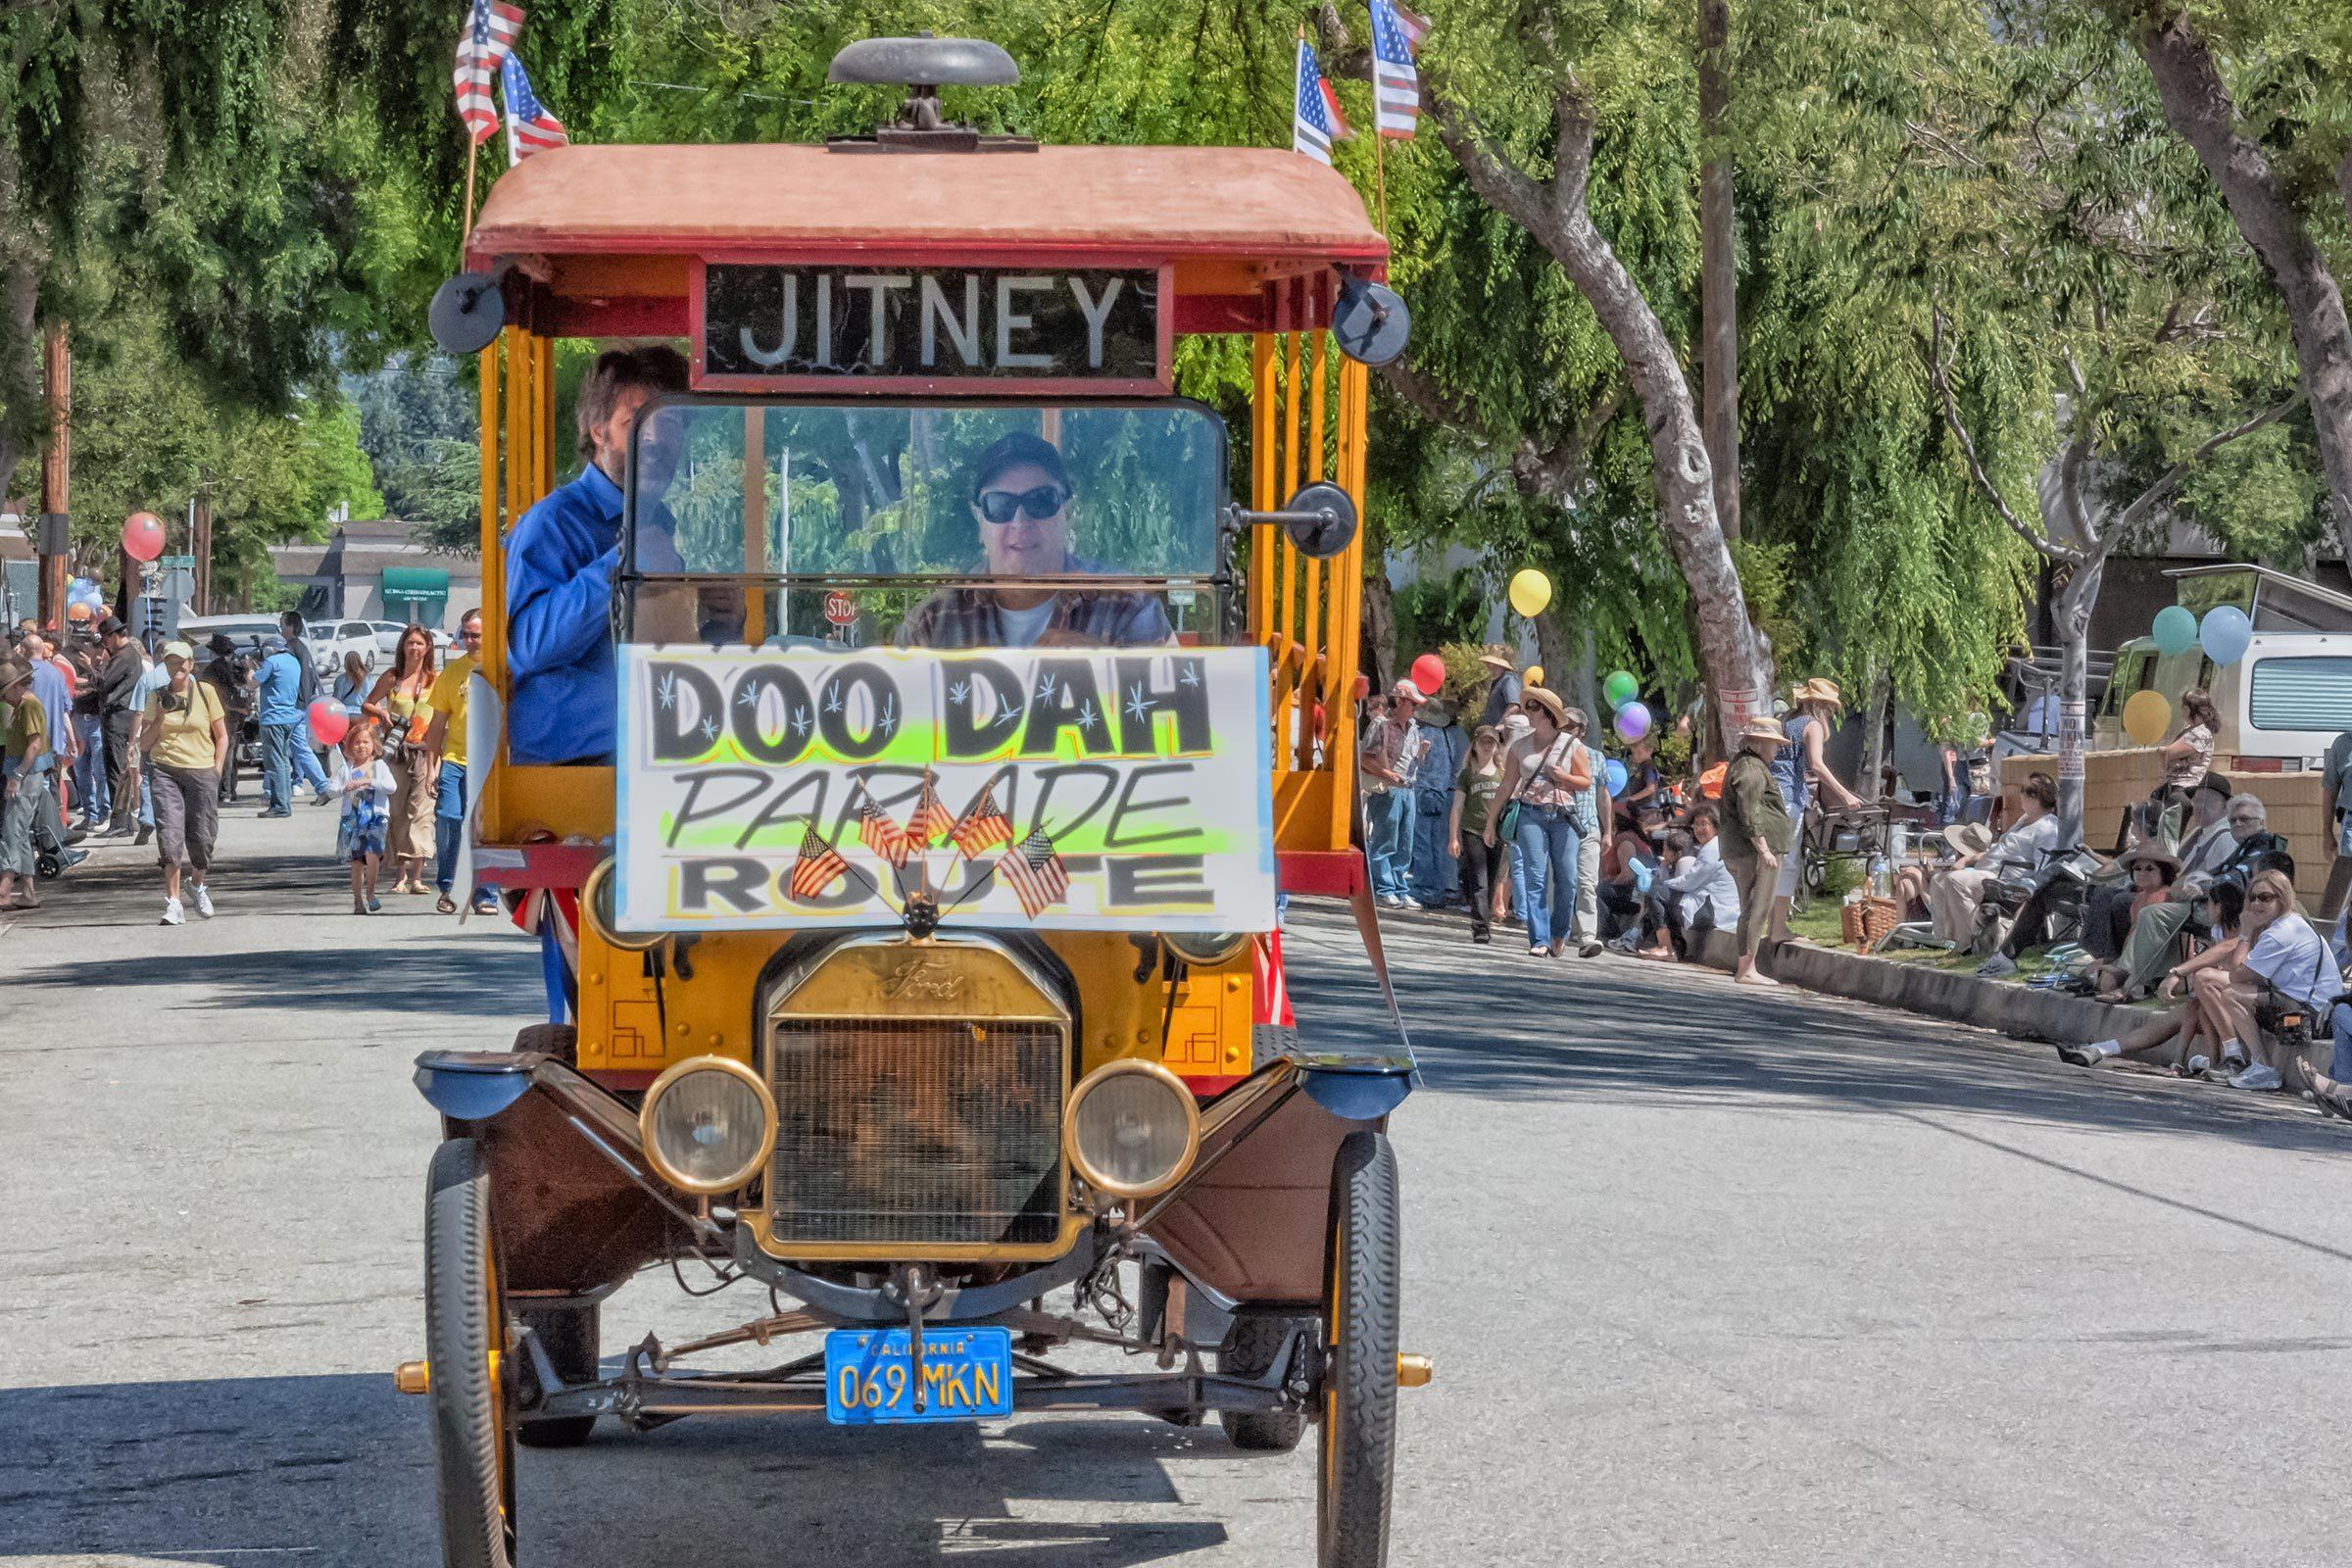 doo dah parade california